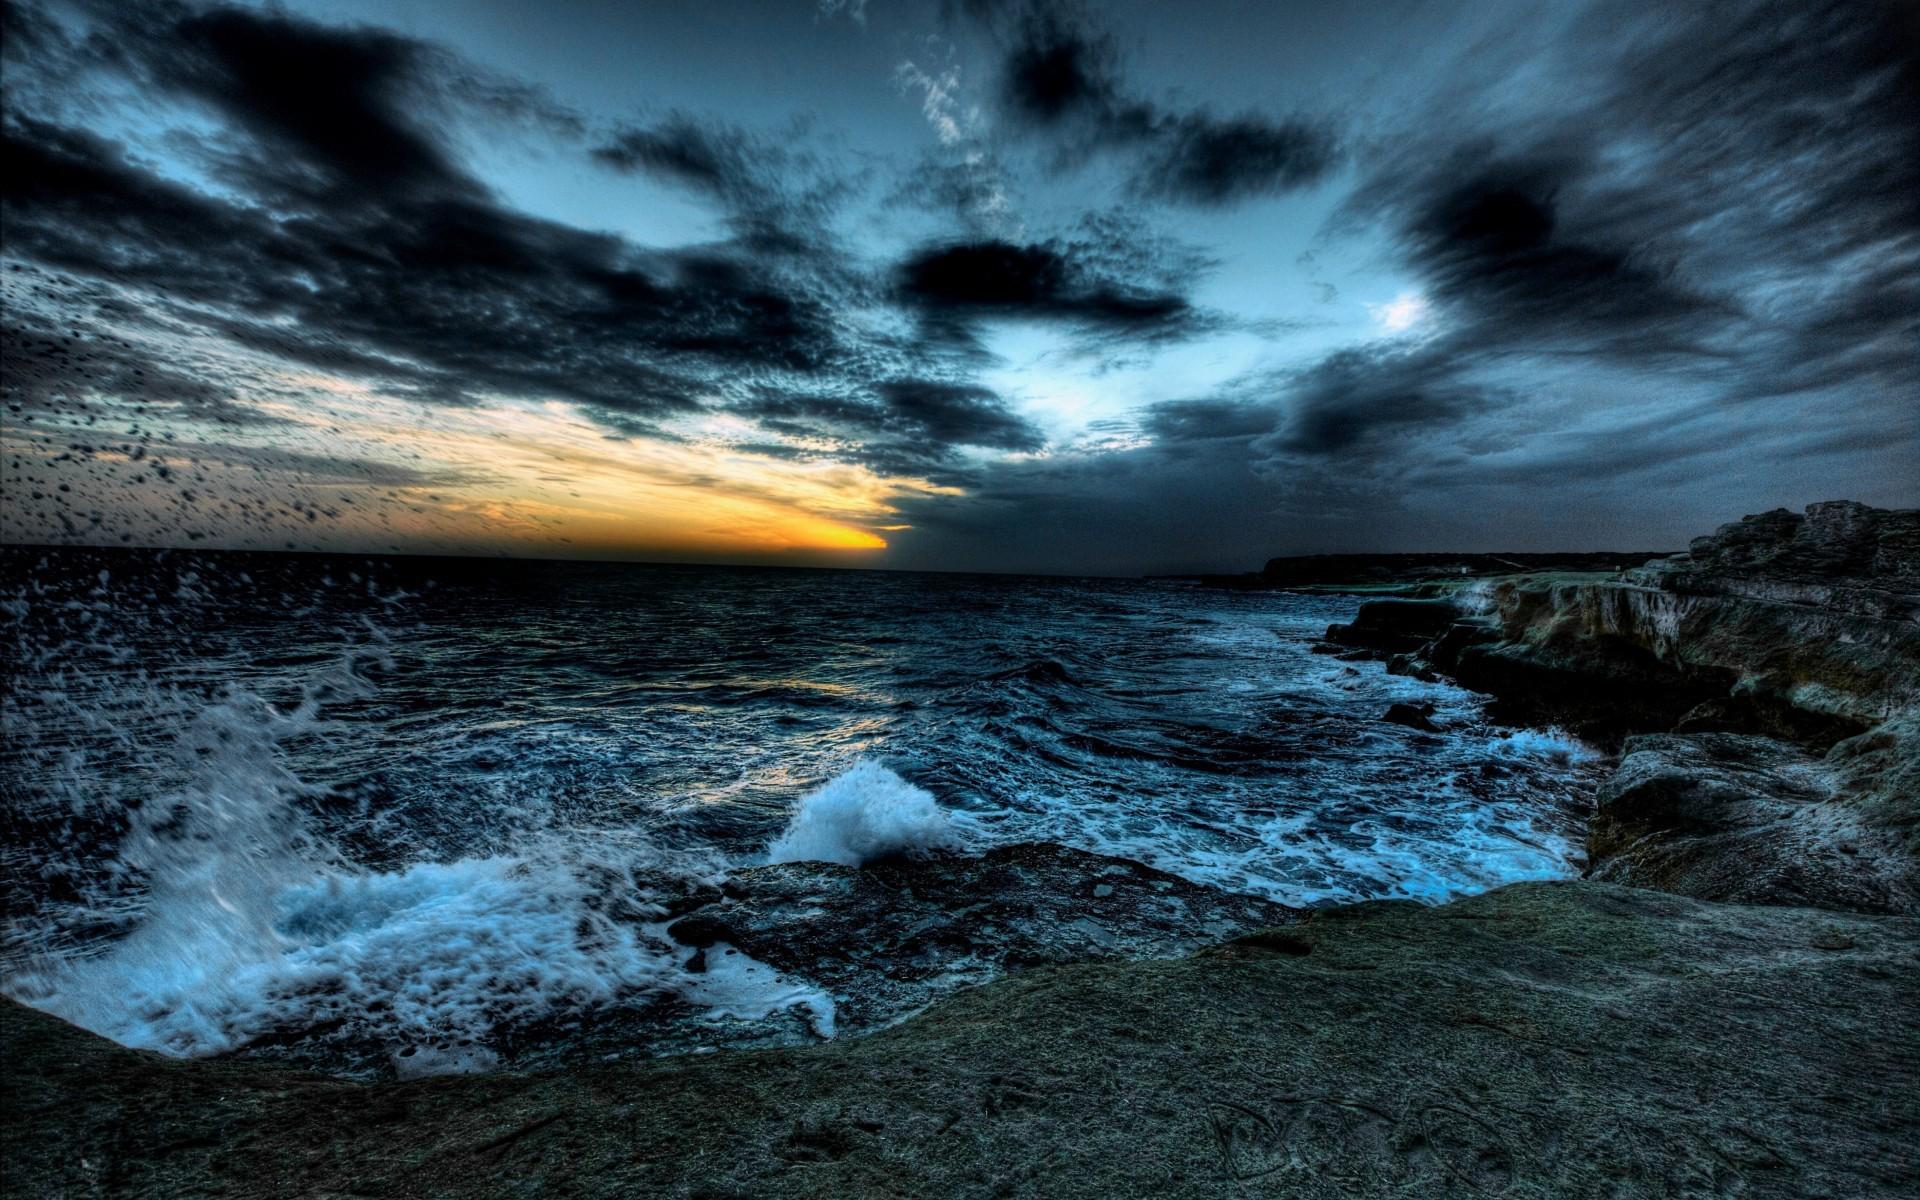 Beach Thunderstorm Wallpaper: Storm Desktop Wallpaper (62+ Images